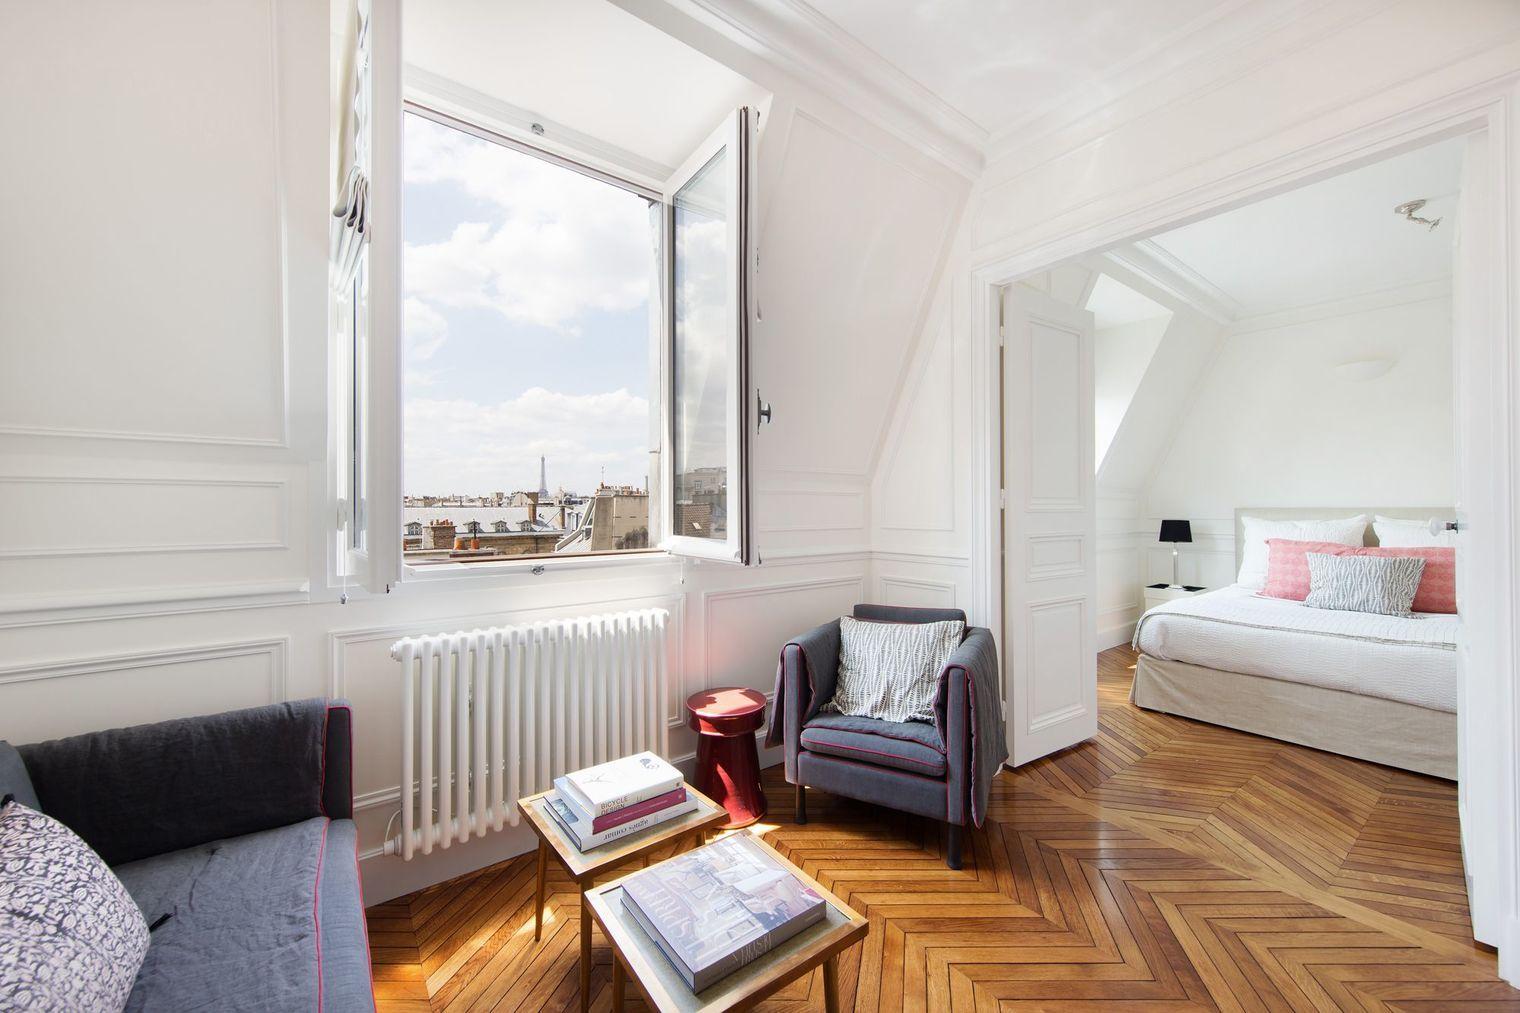 Appartement Paris 6 Un 25 M2 Rénové Dans Un Style Classique Intérieurs D Appartements Parisiens Appartement Intérieur D Appartement